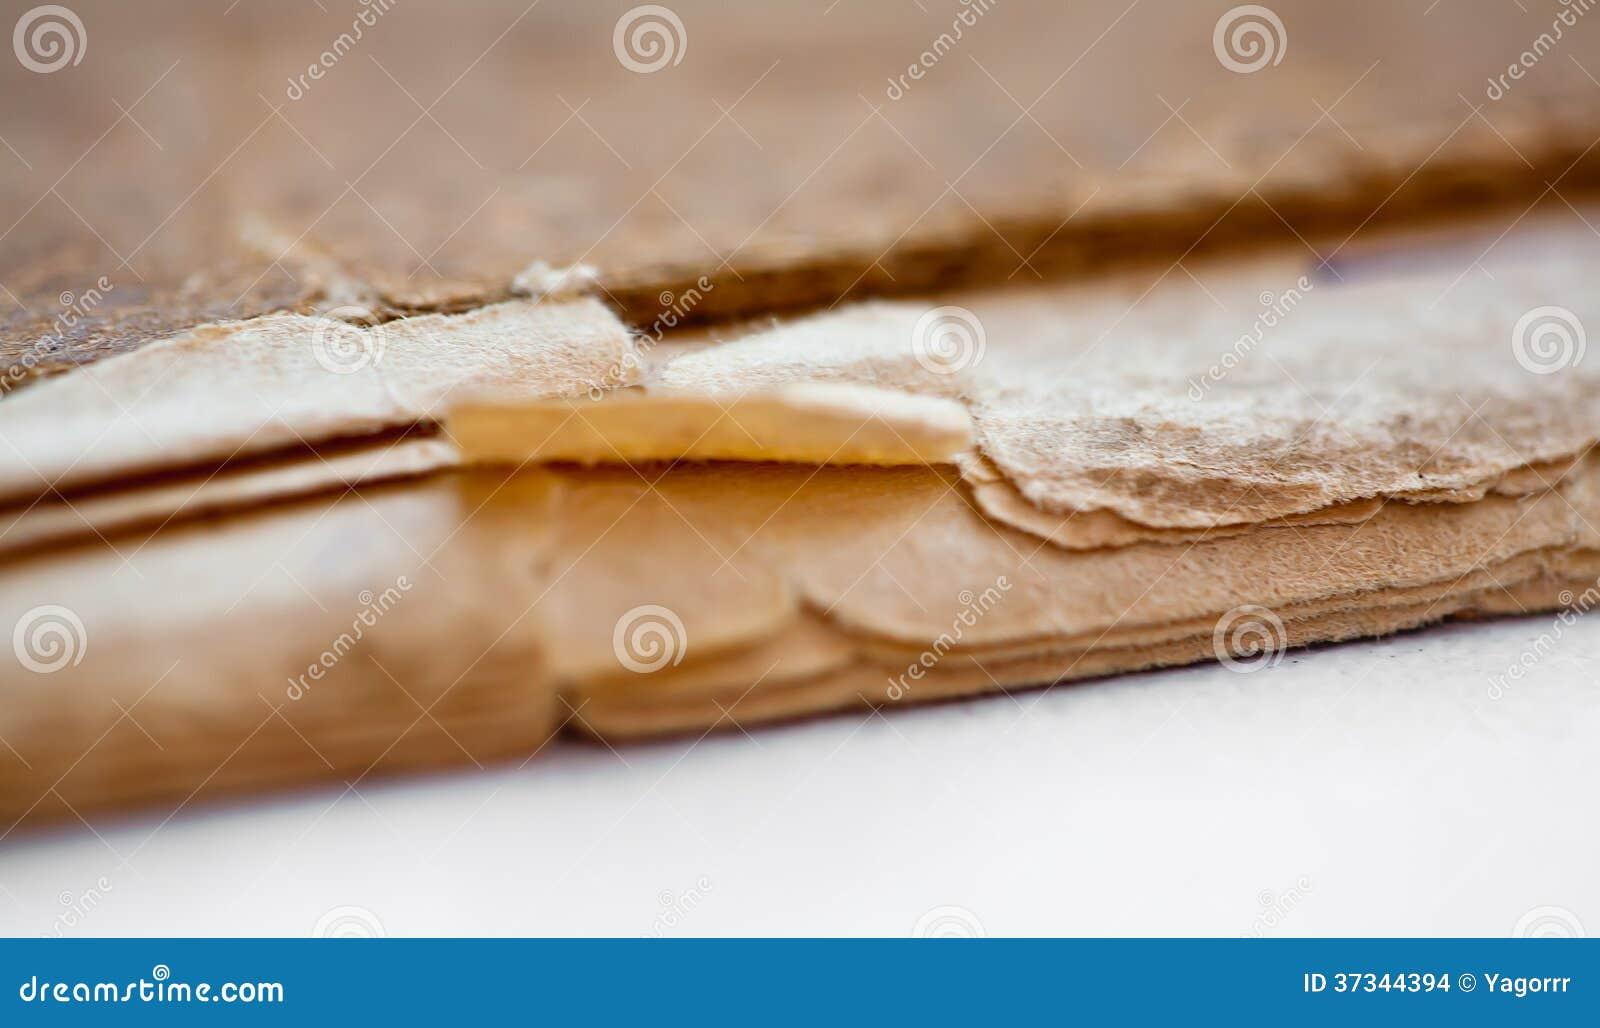 Textur av gamla gulnade sidor avslutar, slet böcker